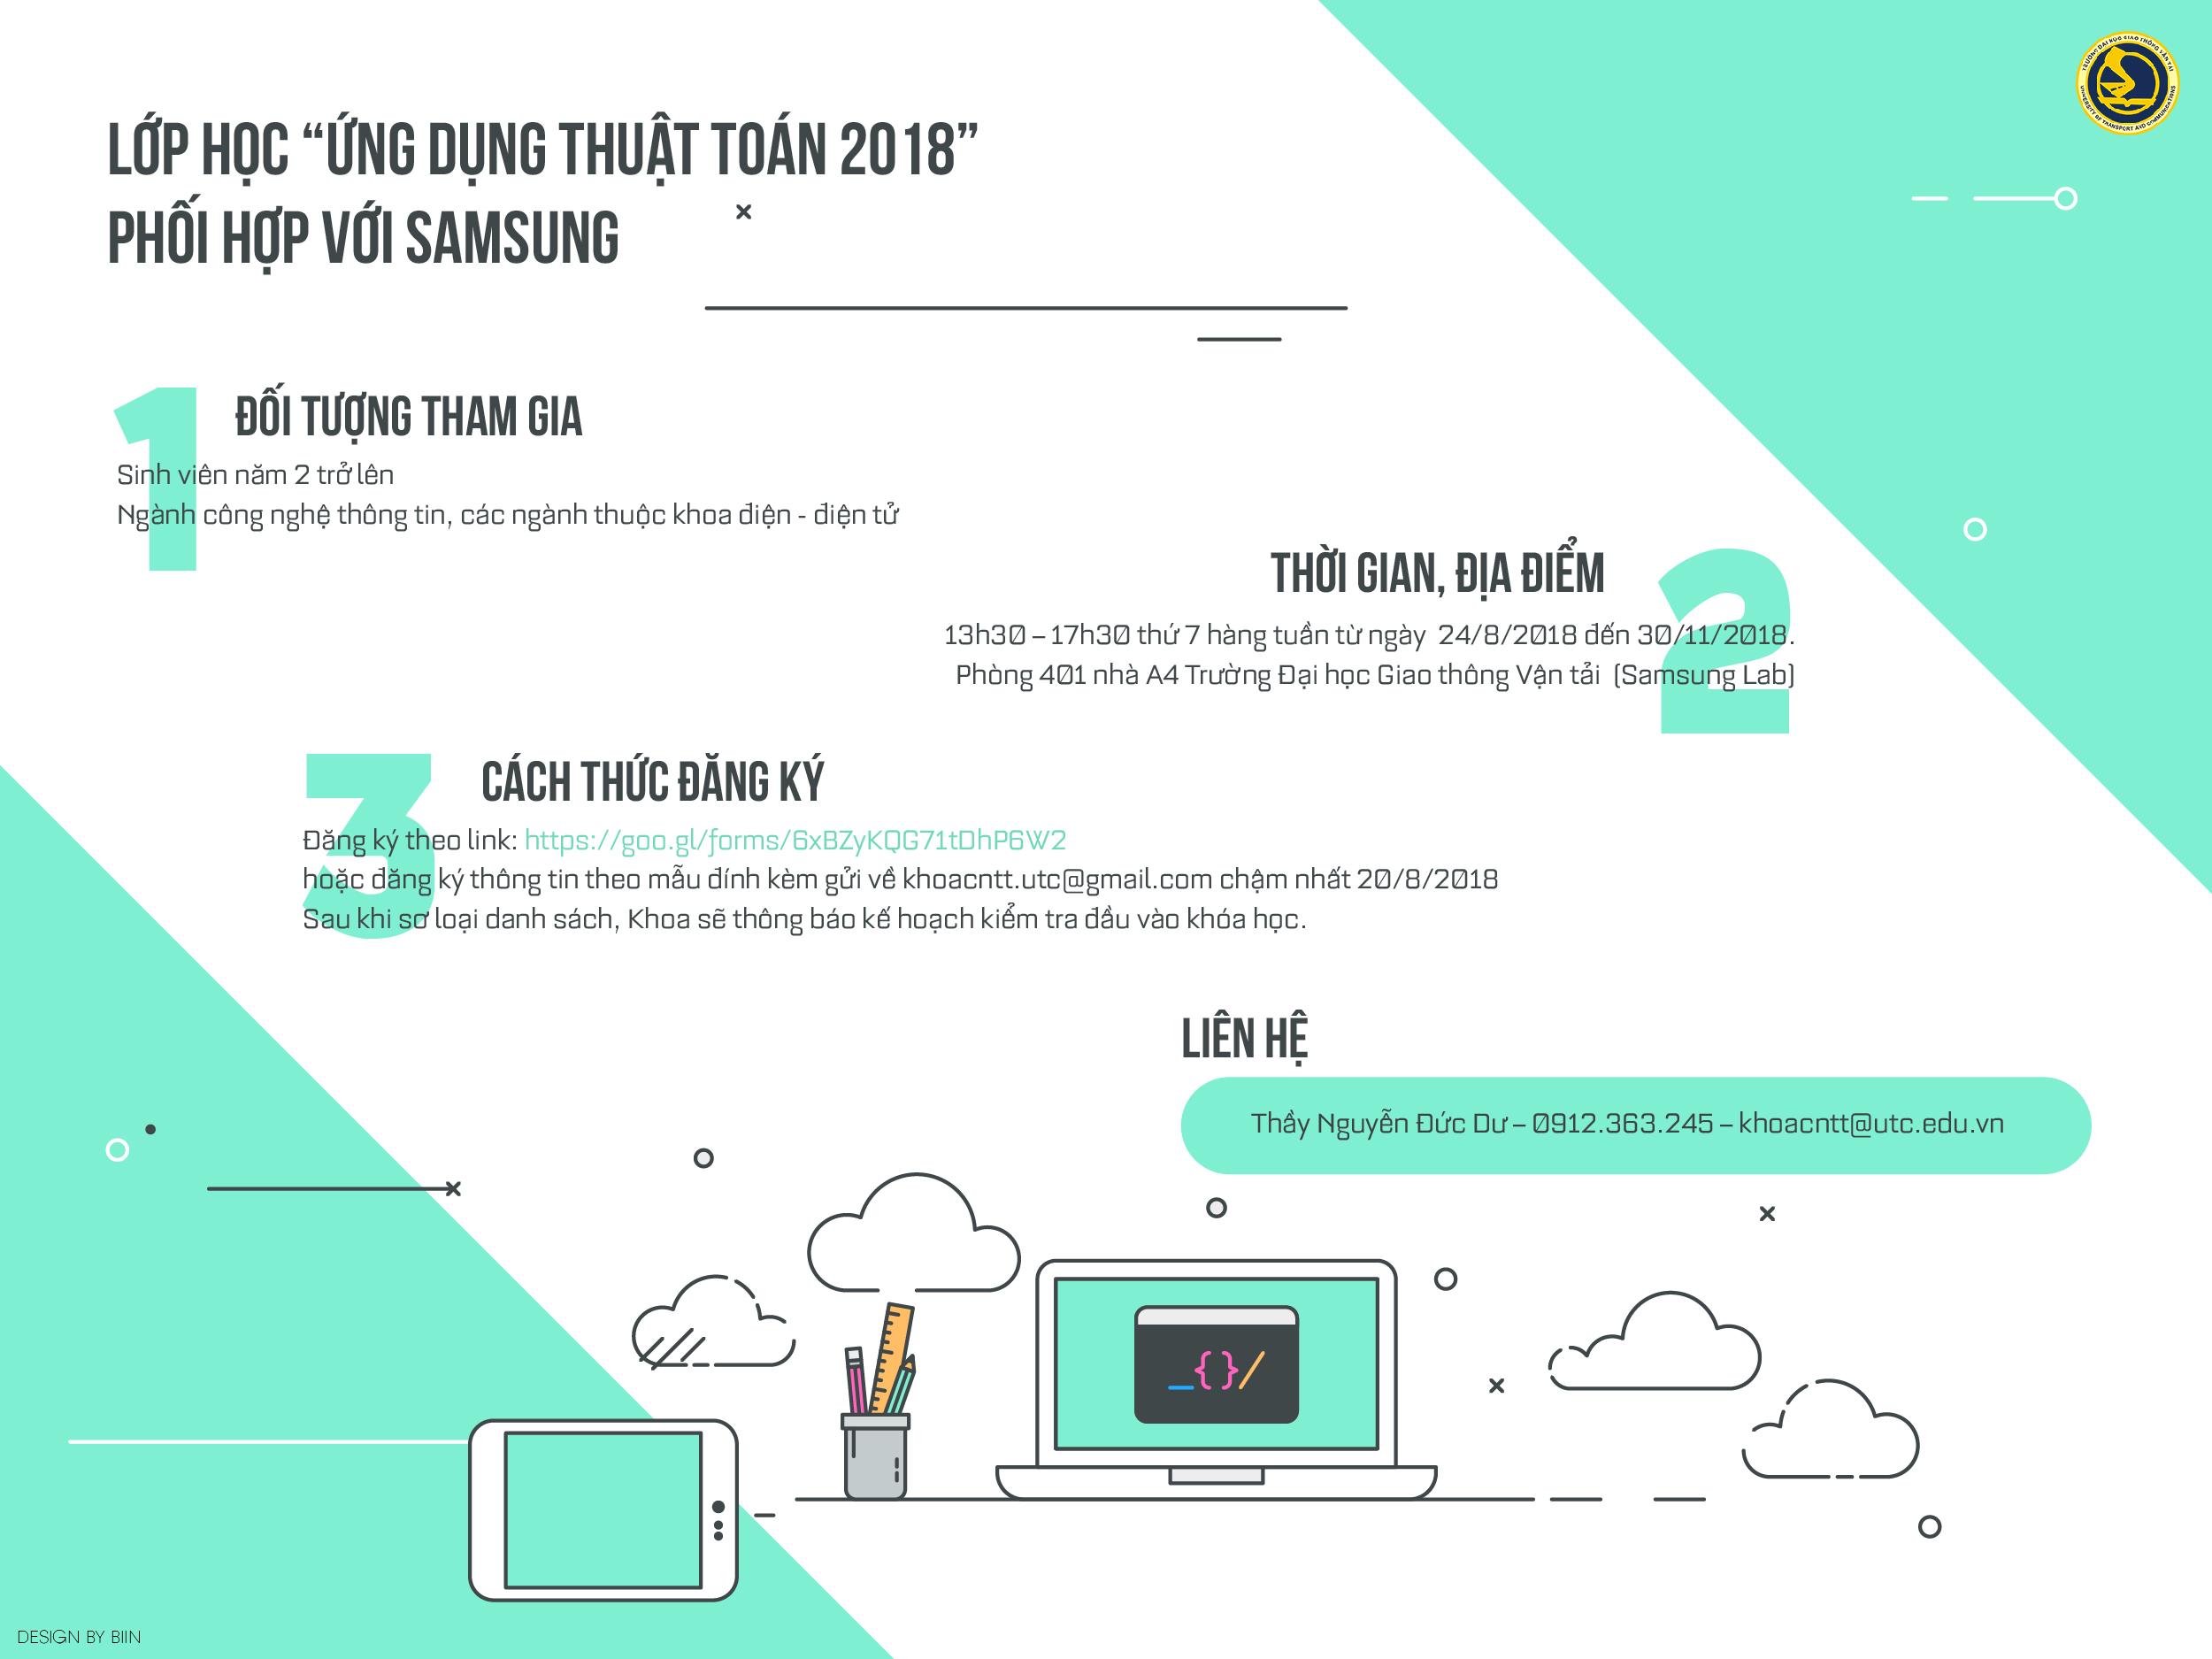 Thuật toán và ứng dụng 2018